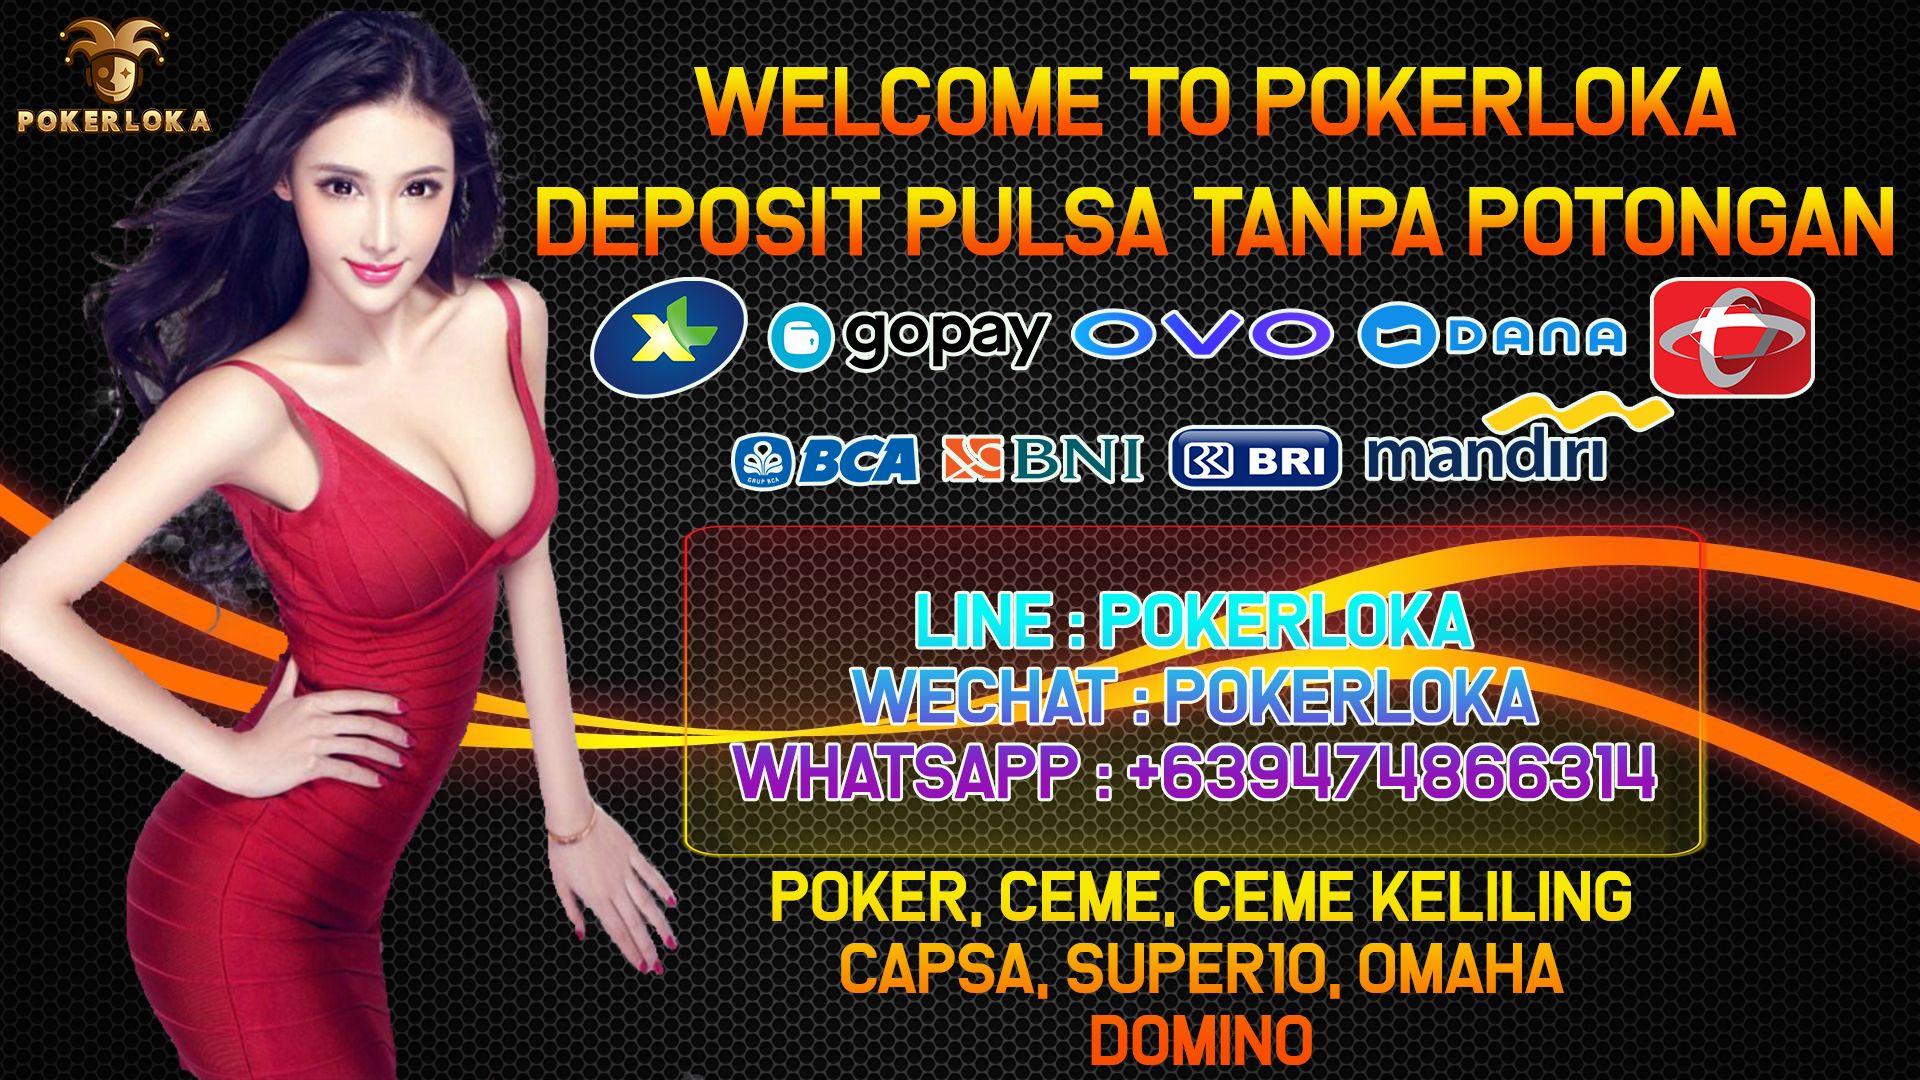 Agen Poker Terbaik Dan Terpercaya Dengan Melayani Deposit